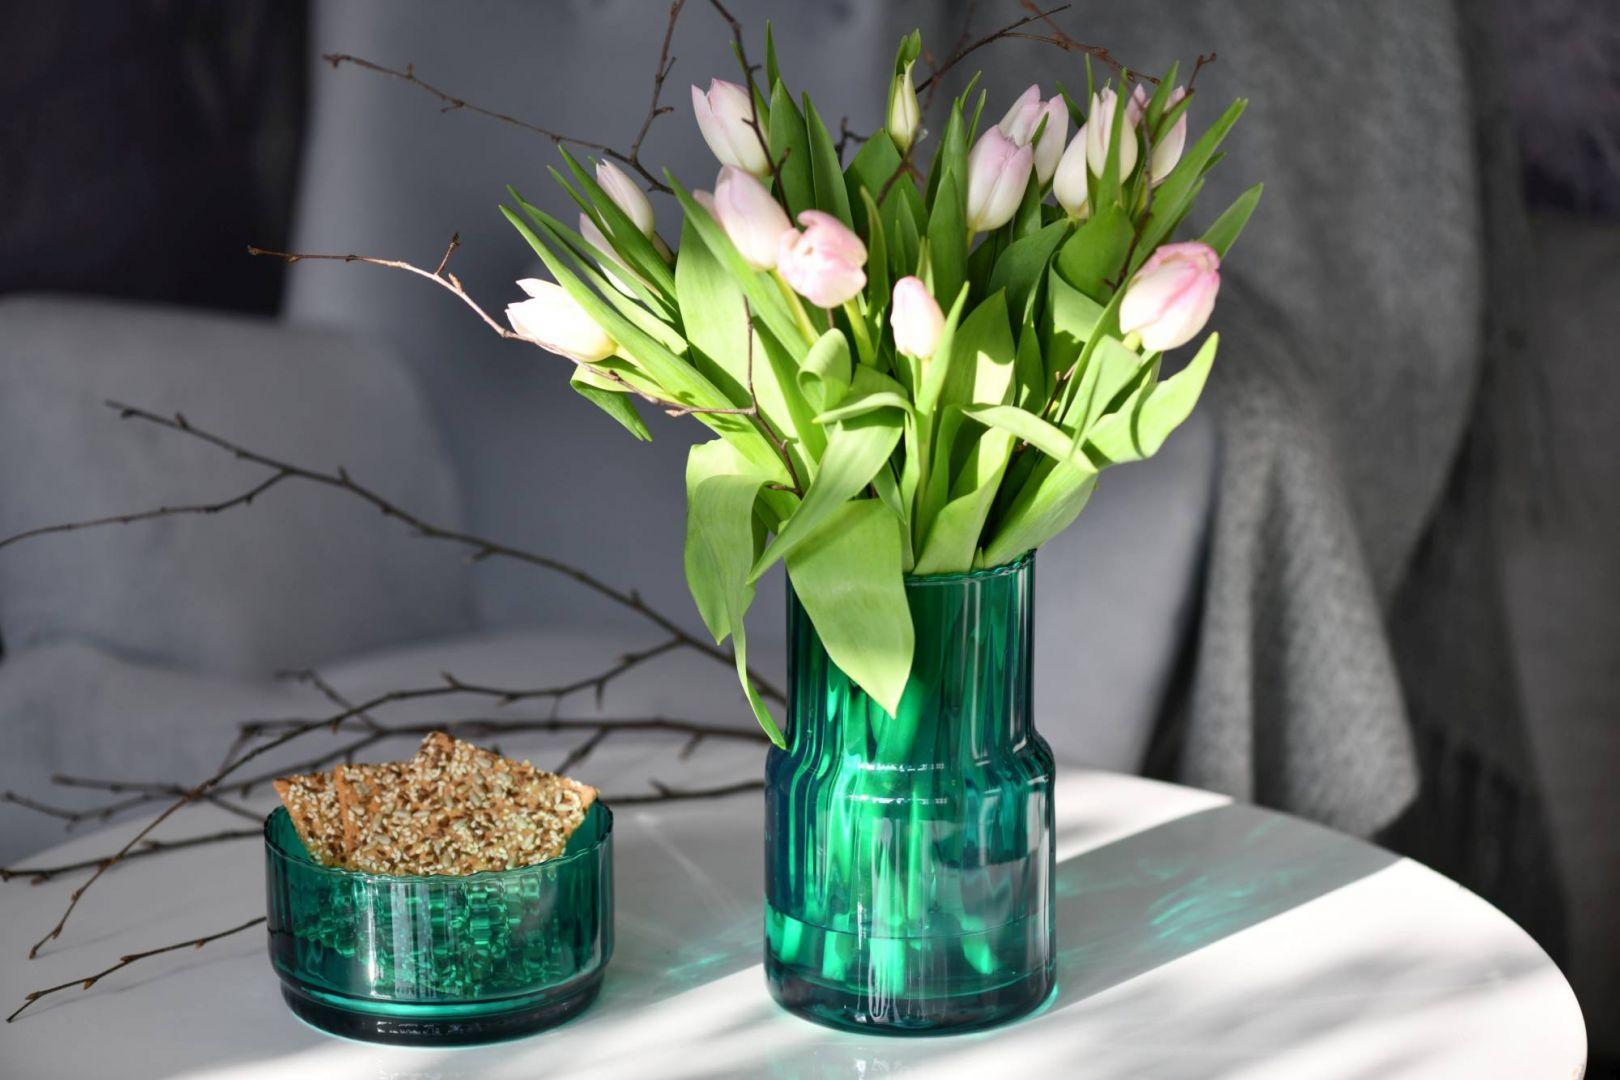 O tej porze roku nie ma piękniejszej ozdoby wnętrza niż cięte kwiaty. Róże, tulipany, czy przyniesiony z własnego ogrodu bez, udekorują odświętnie stół lub ozdobią ulubioną komodę. Fot. Krosno Glass